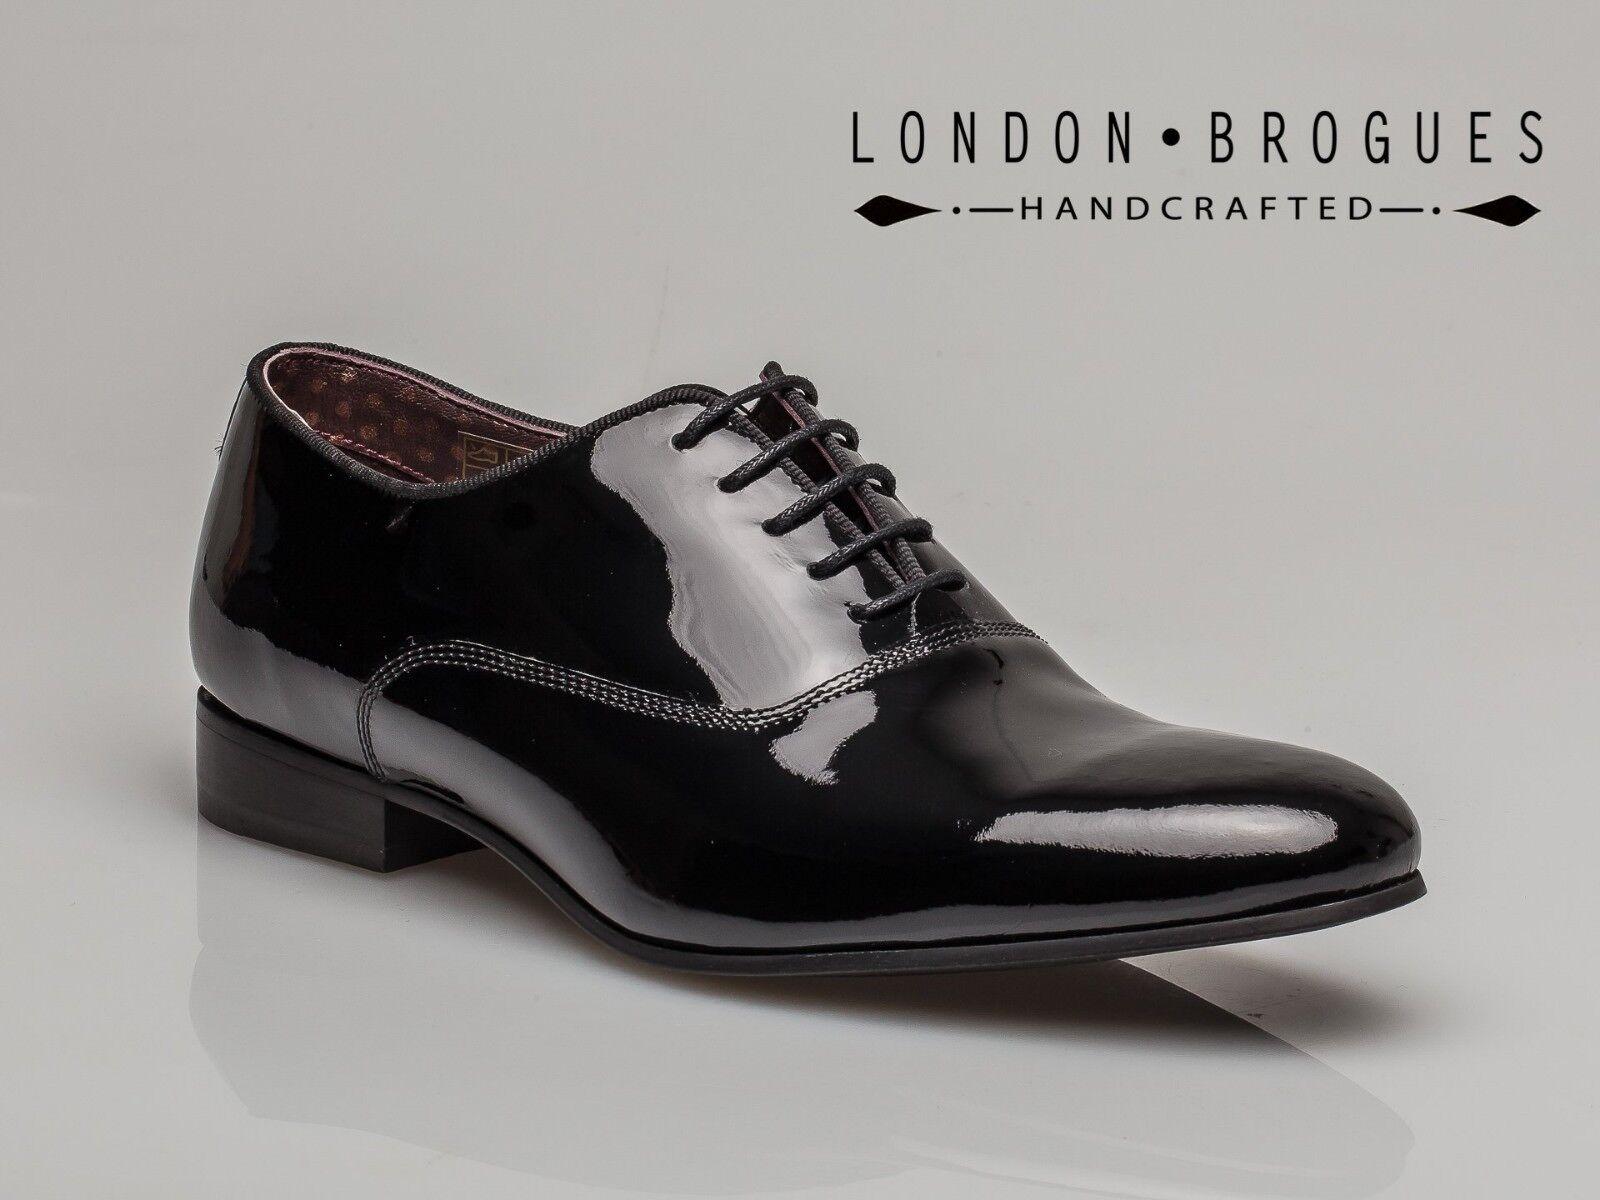 NEW London Baxter Scarpe Brogue Da Uomo Baxter London Nero Brevetto Scarpe Eleganti Formali in Pelle Smart UK8 e63723